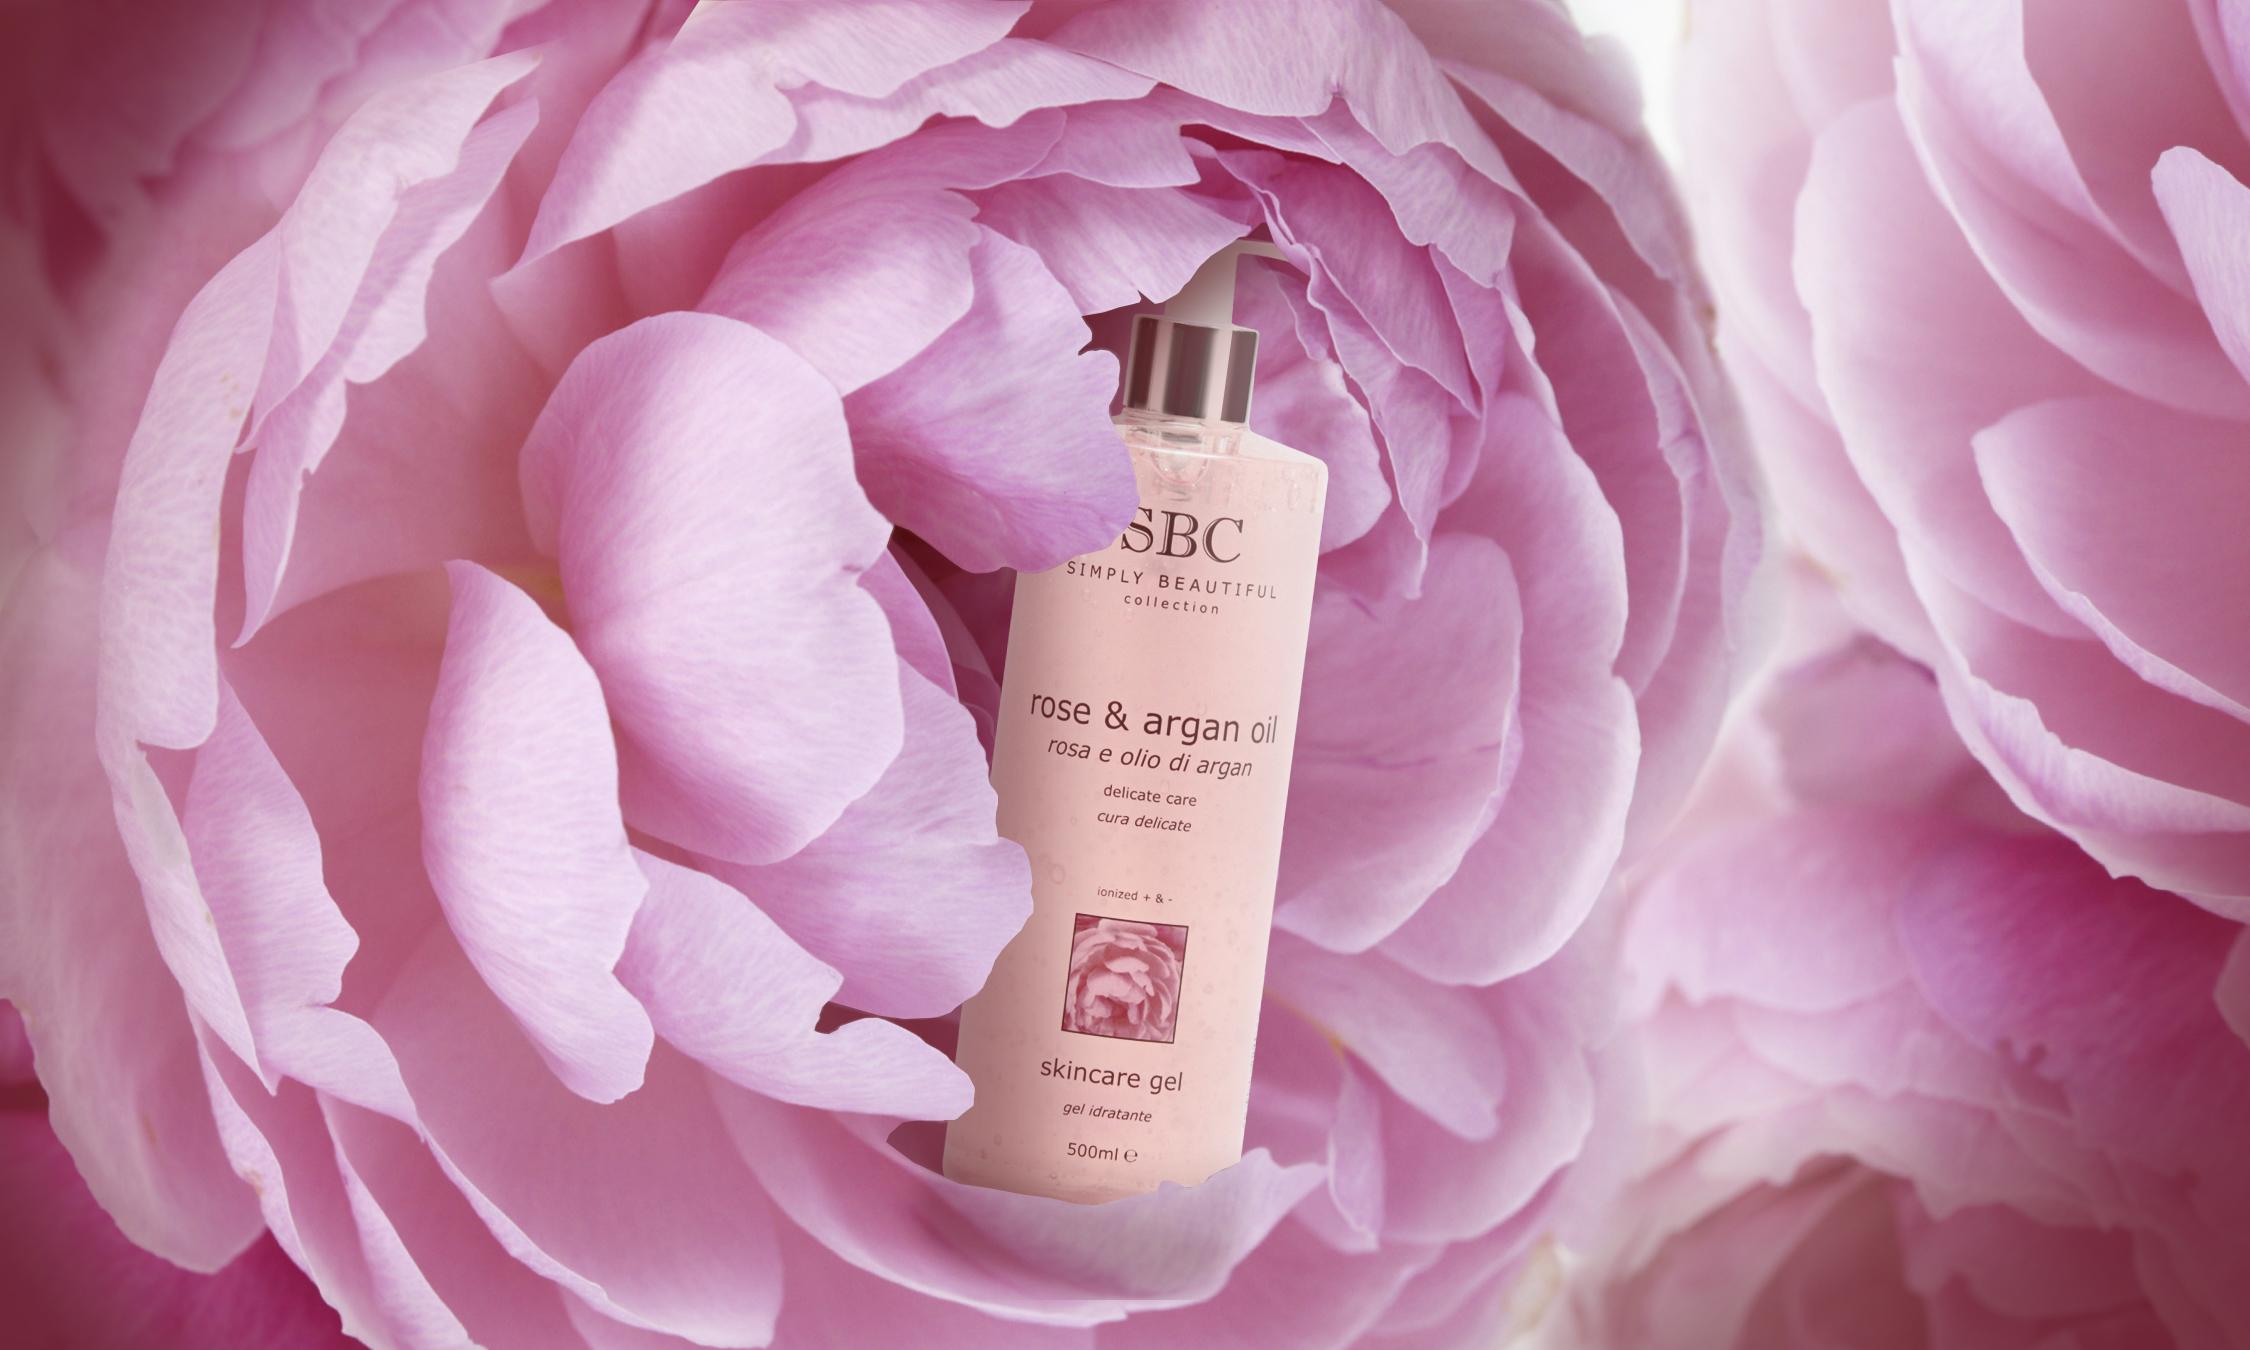 Rose Argan Oil Skincare Gel Xt Essentialsxt Essentials